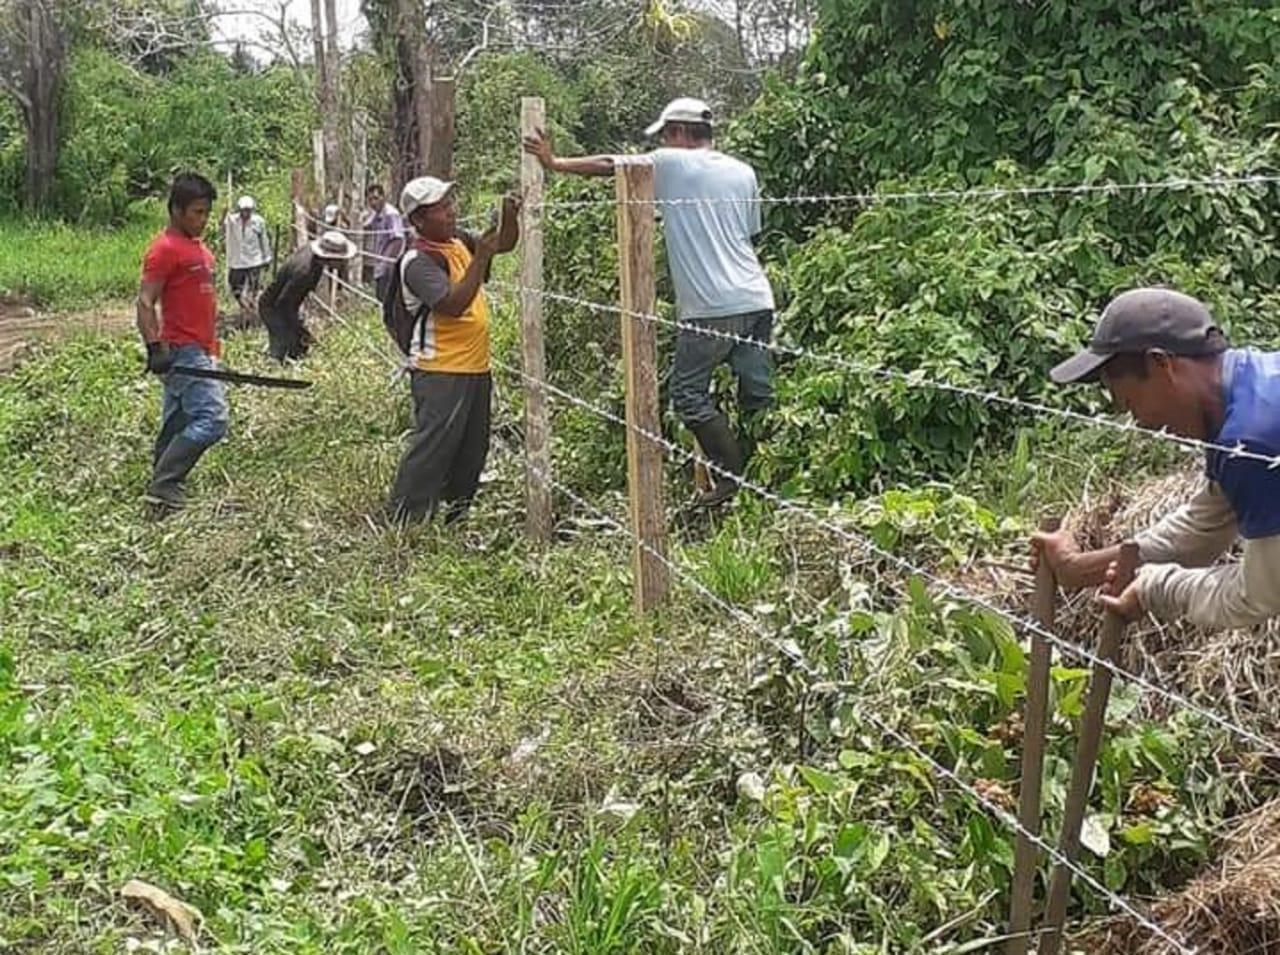 El ministro de Ambiente se comprometió en realizar giras a los territorios afectados.